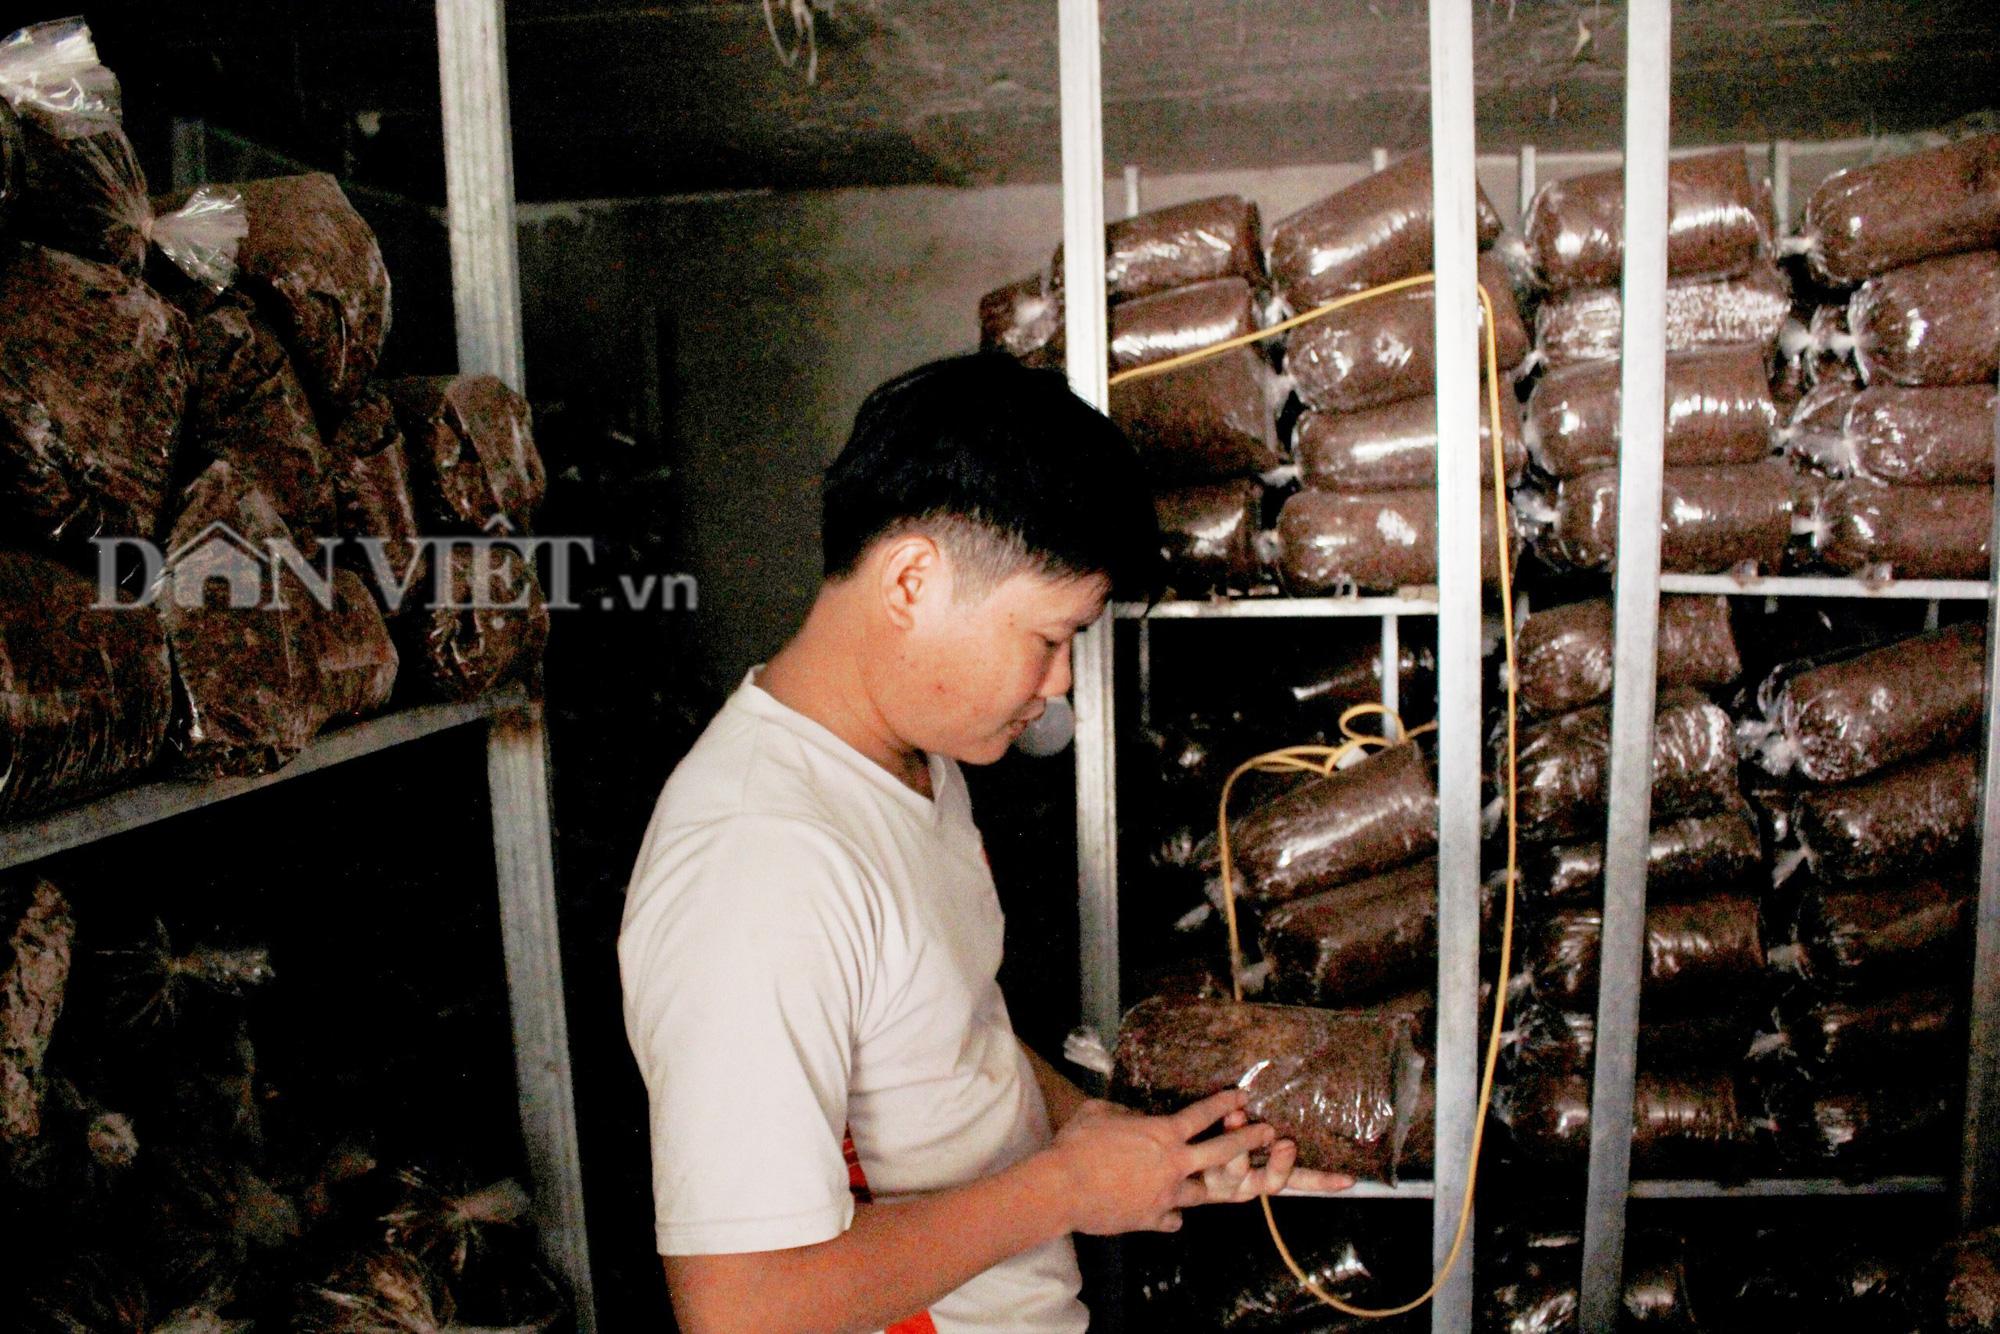 Hà Tĩnh: Chàng trai mồ côi đổi đời nhờ trồng nấm - Ảnh 3.